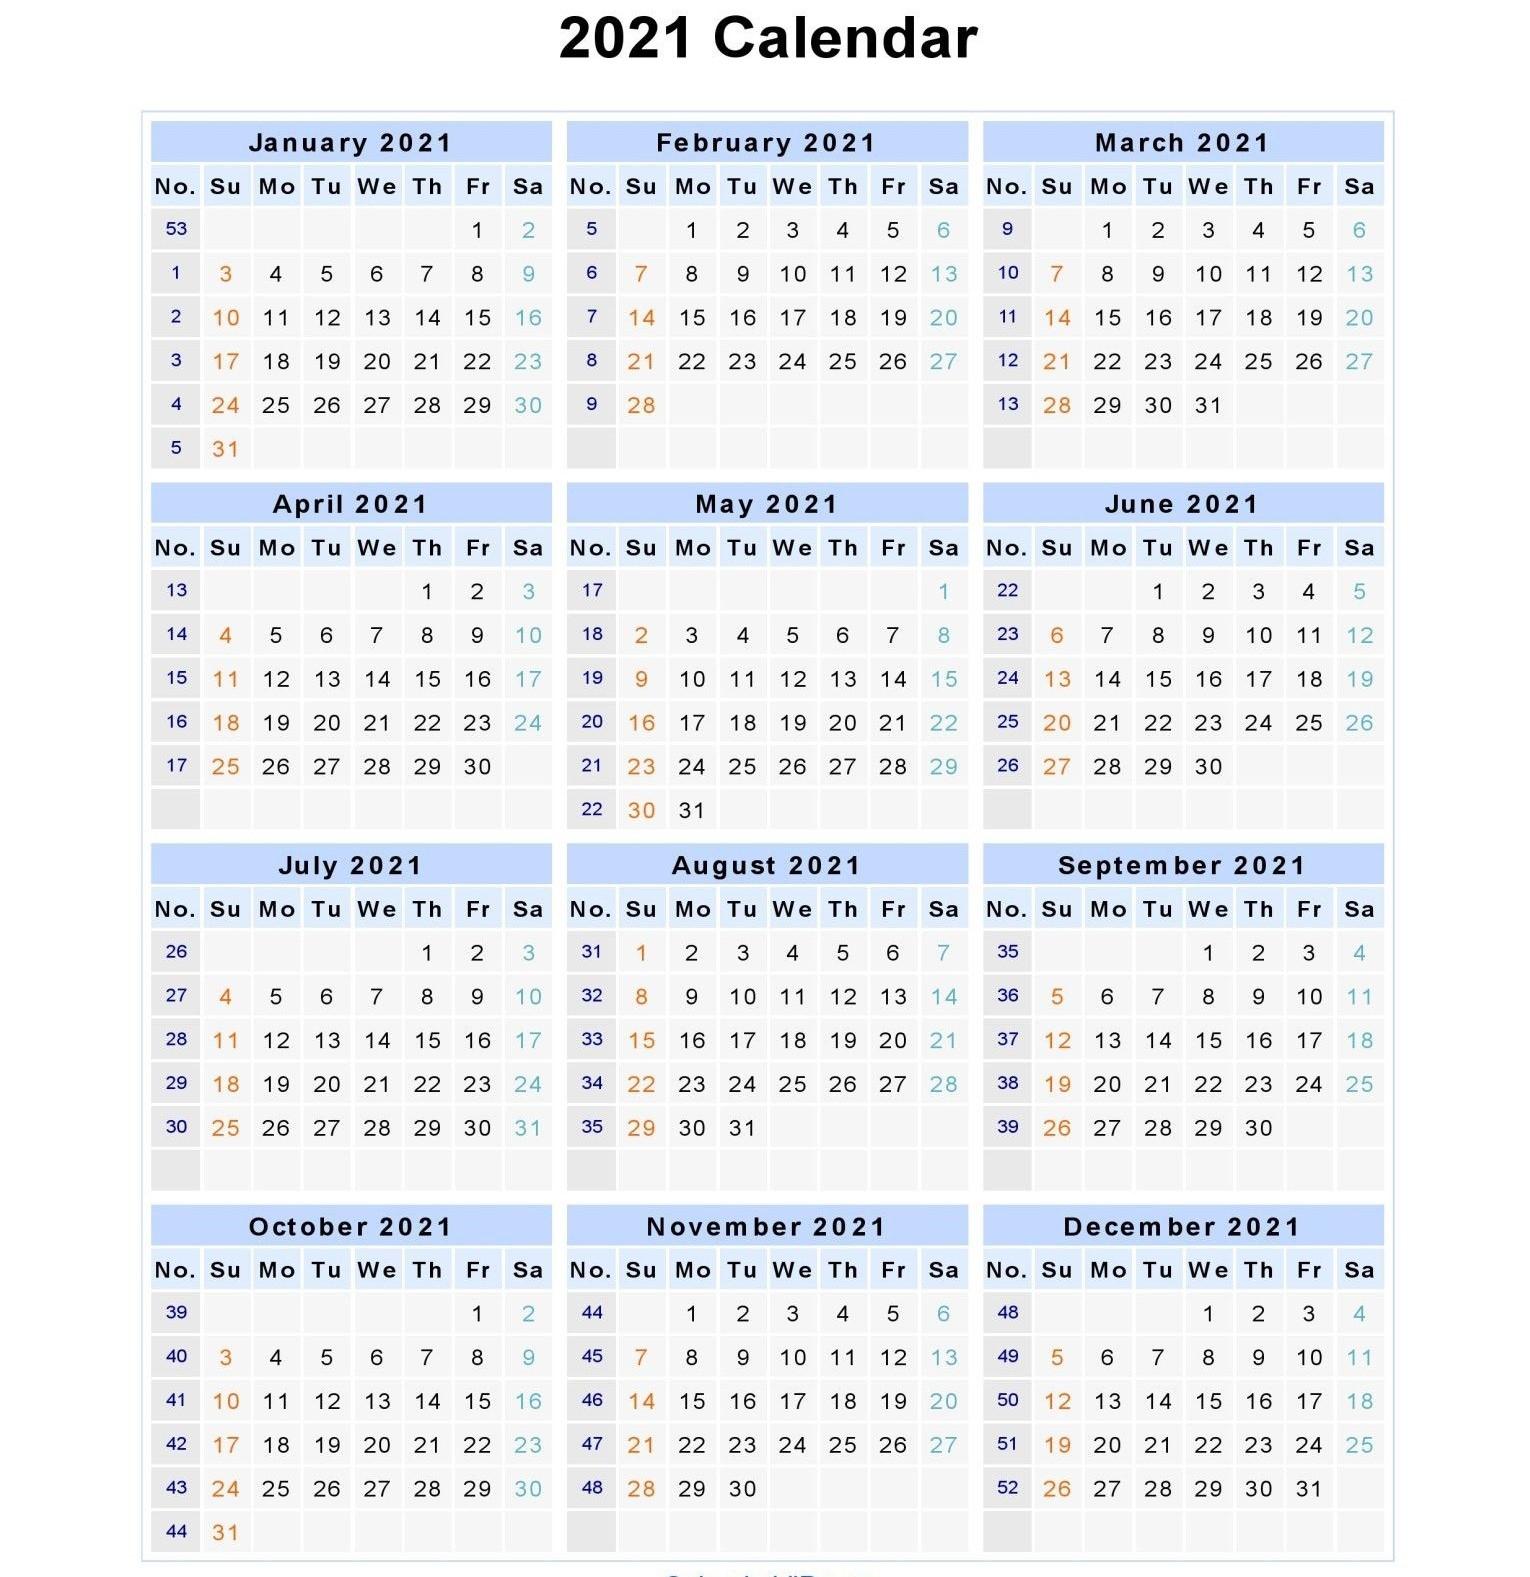 2021 Week Numbers